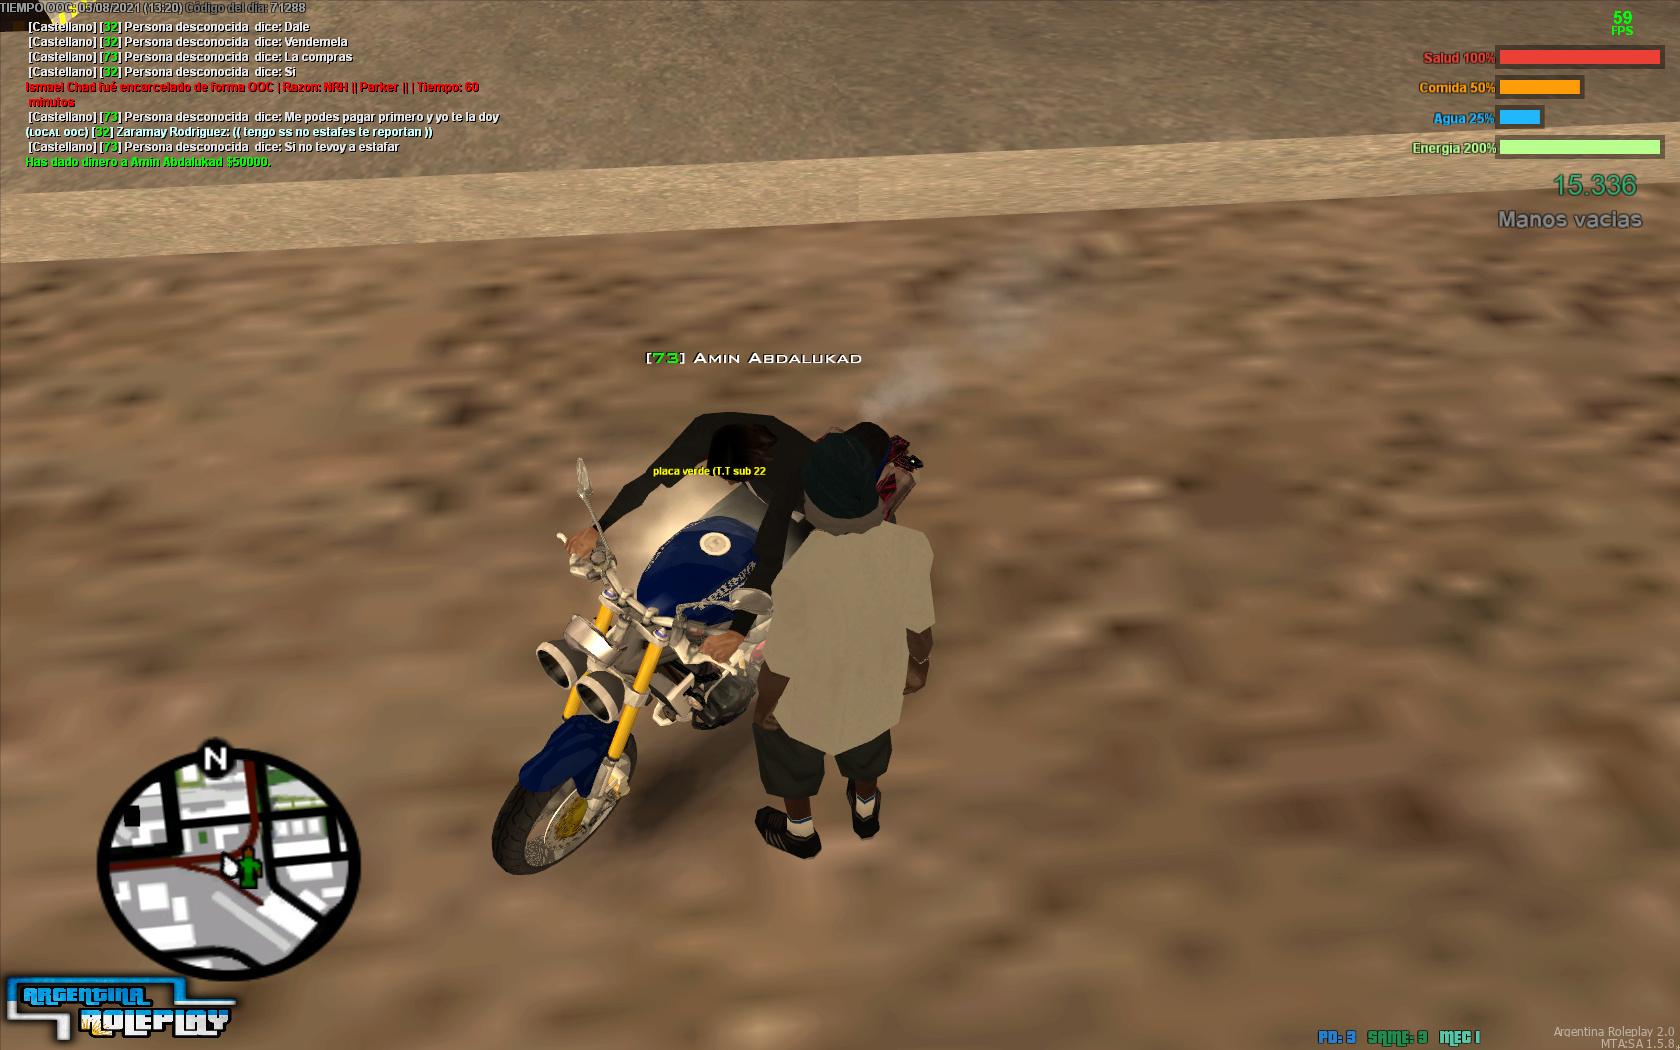 [REPORTE] Me estafaron sin spec en la compra de una moto (Amin Abdalukad)  Imagen10